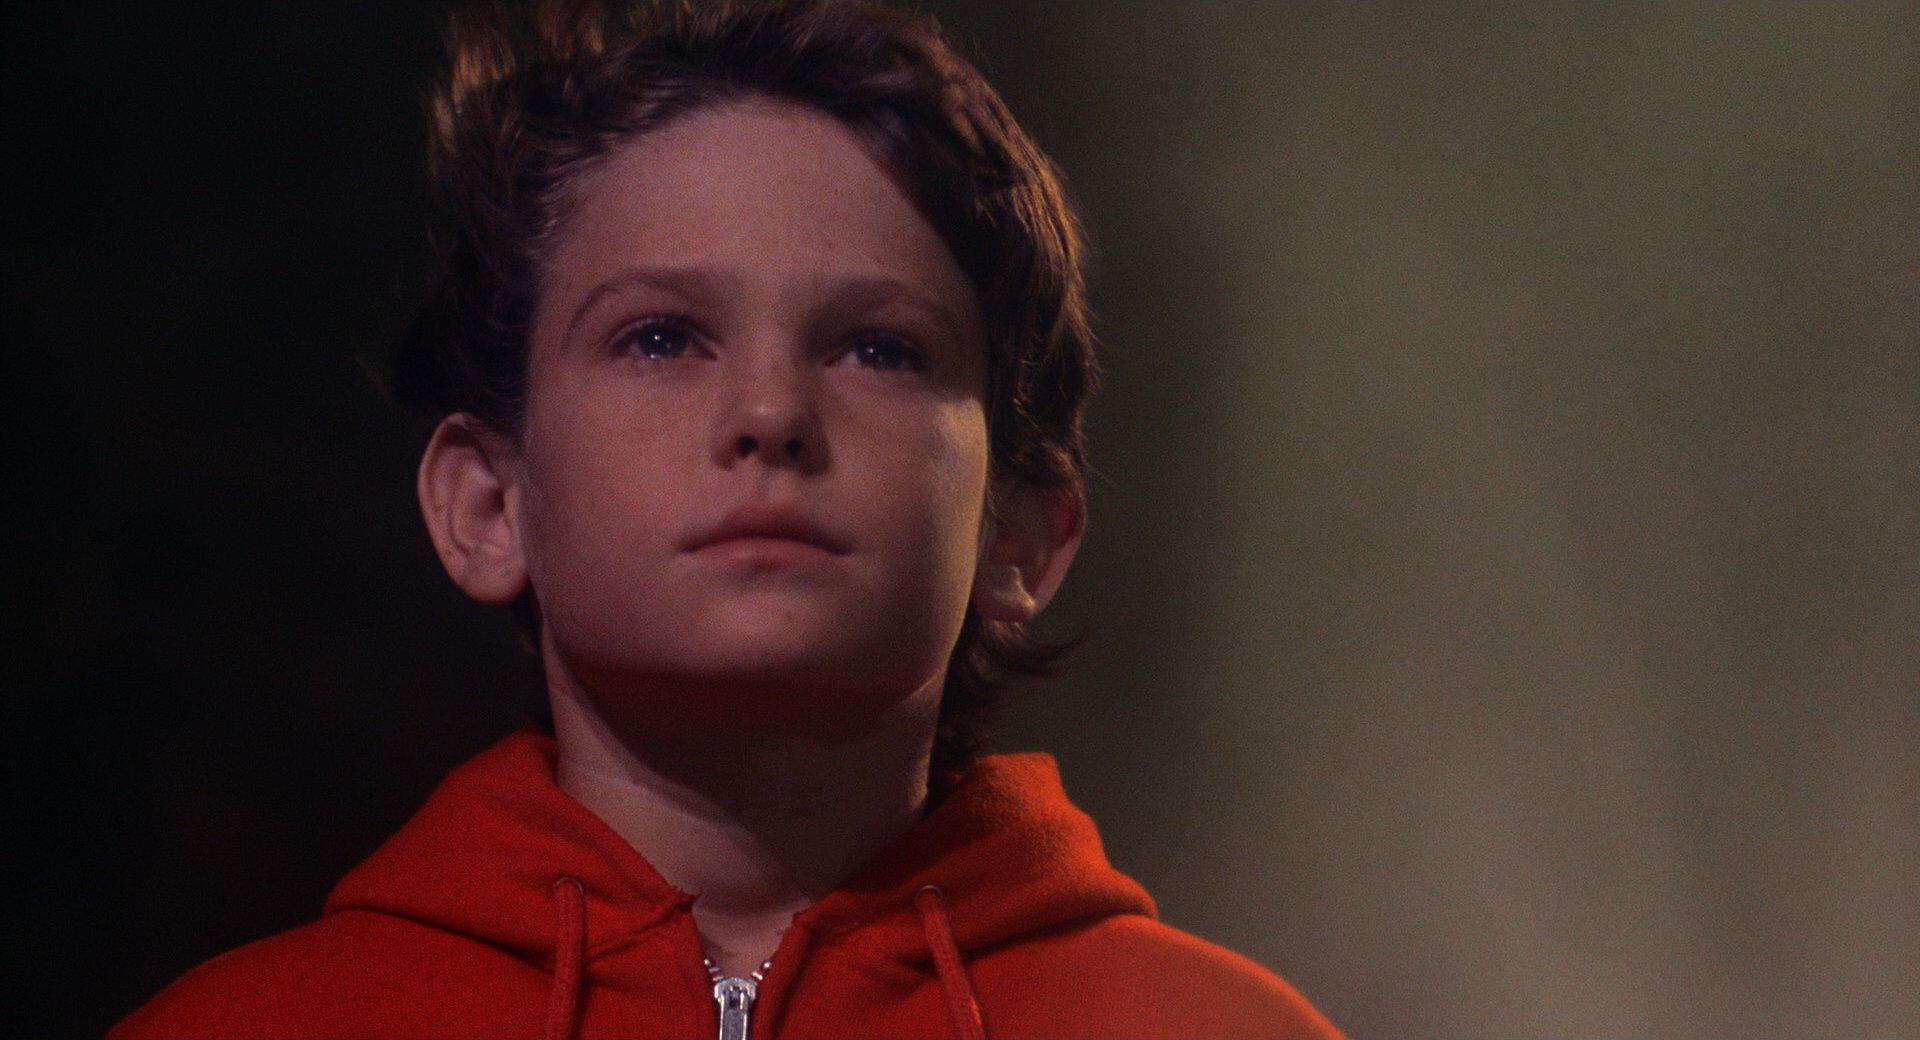 『E.T.』ラストカットのエリオット